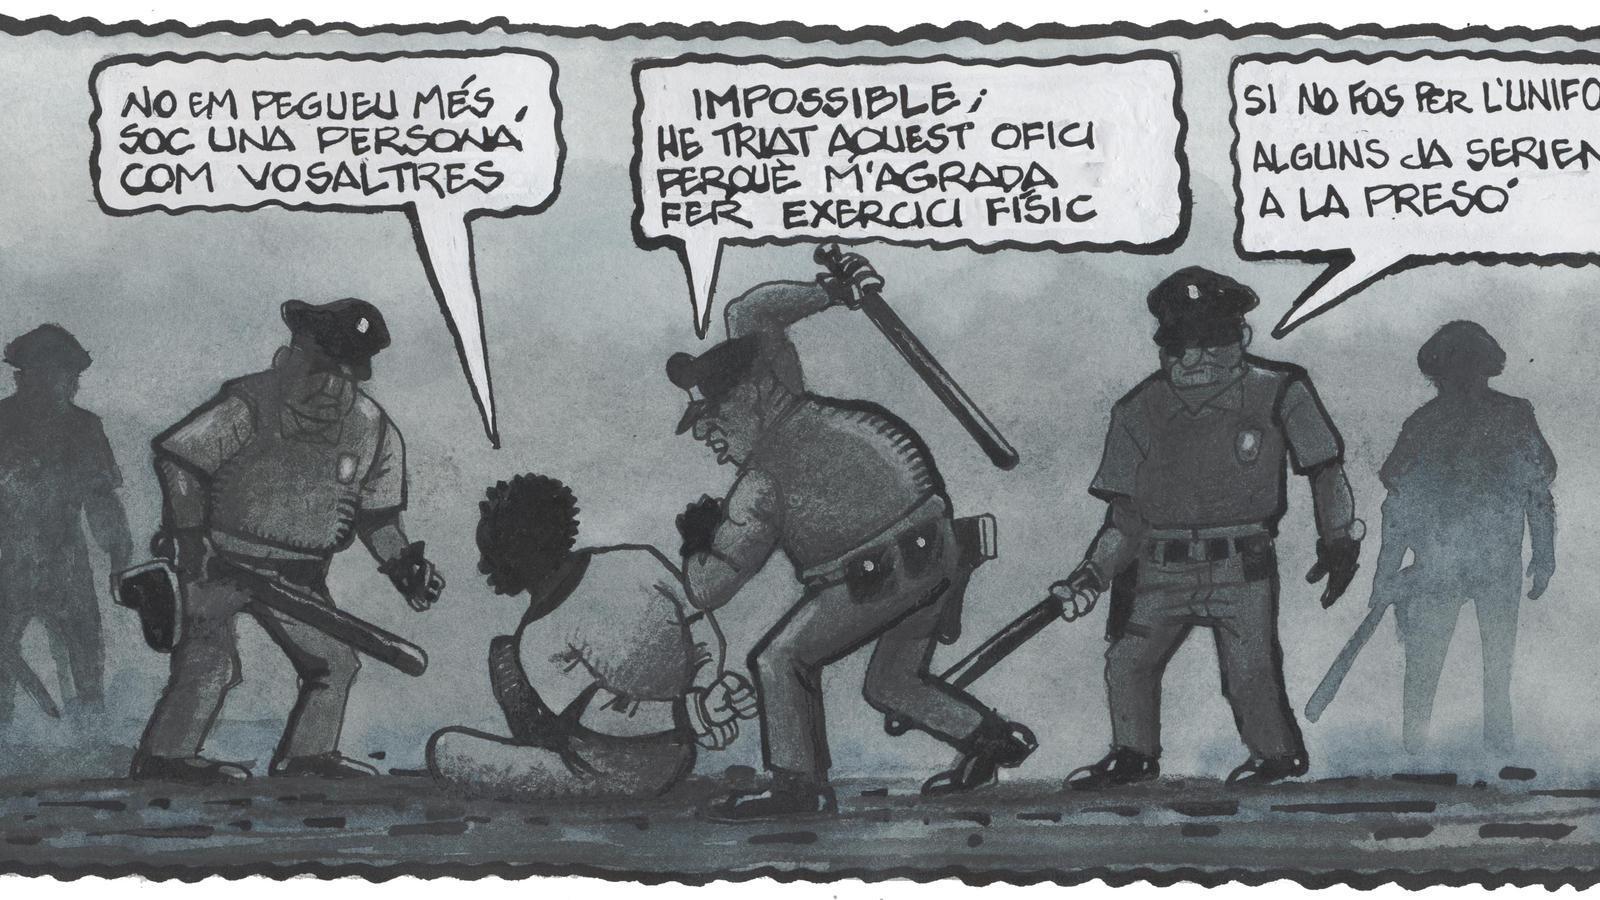 'A la contra', per Ferreres 19/06/2020